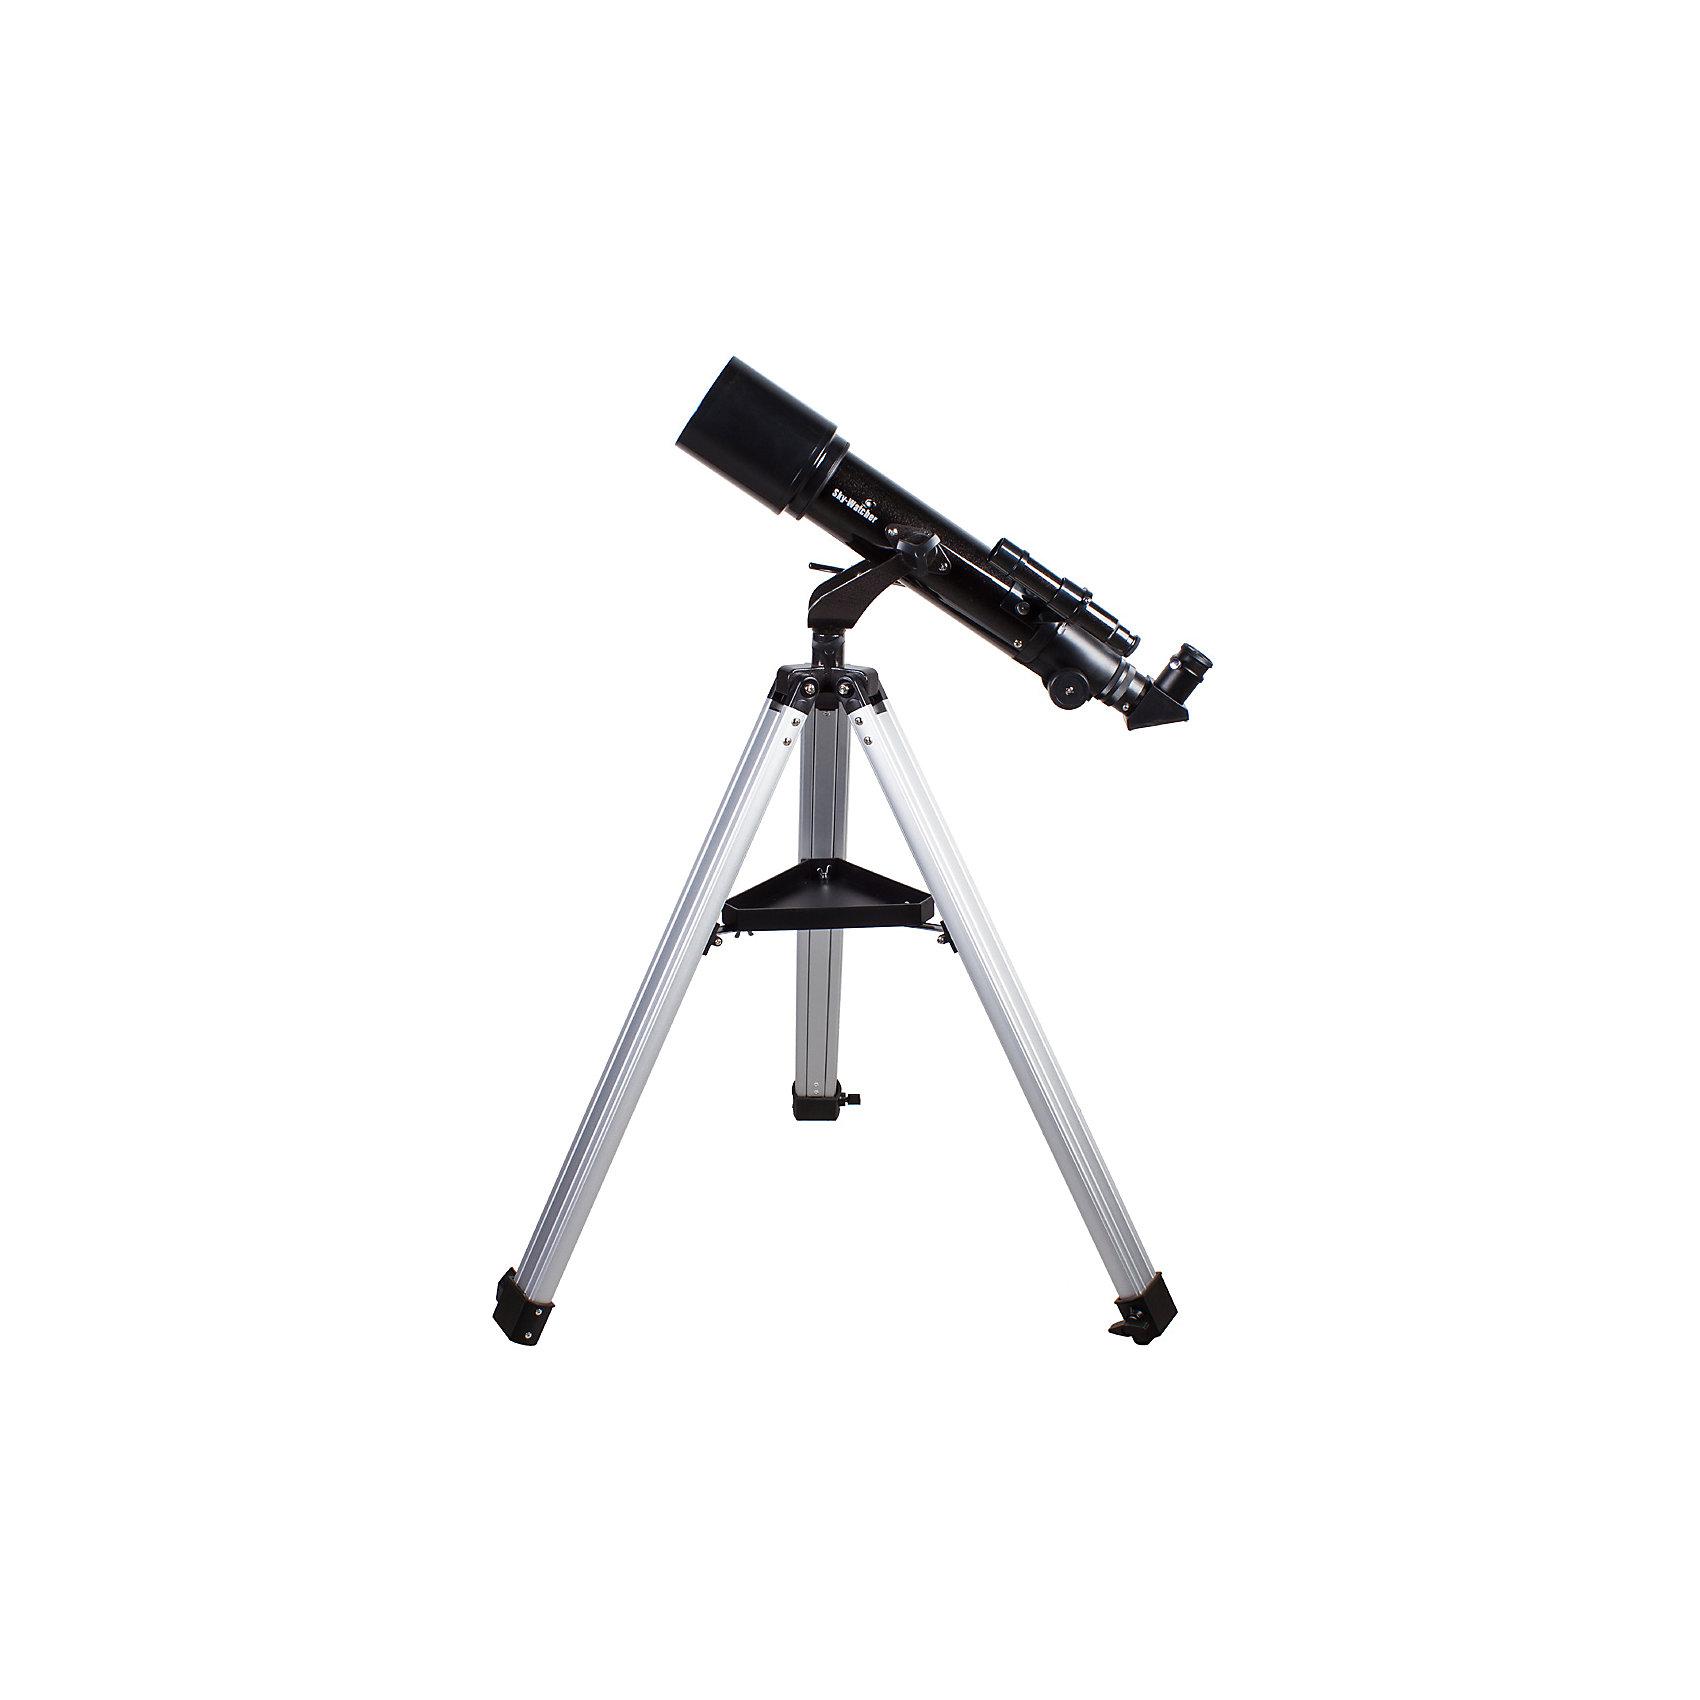 Телескоп Sky-Watcher BK 705AZ2Телескопы<br>Характеристики товара:<br><br>• материал: металл, пластик<br>• тип телескопа: рефрактор<br>• максимальное полезное увеличение: 140 крат<br>• светосила (относительное отверстие): f/7,1<br>• окуляры в комплекте: Super 25 мм, Super 10 мм<br>• посадочный диаметр окуляров: 1,25 дюймов<br>• искатель: оптический, 6x24<br>• тип управления телескопом: ручной<br>• фокусное расстояние: 500 мм<br>• тип монтировки: азимутальная<br>• габариты в упаковке: 100х26х32 см<br>• вес в упаковке: 6 кг<br>• страна бренда: КНР<br>• страна производства: КНР<br><br>Телескоп - это отличный способ заинтересовать ребенка наблюдениями за небесными телами и привить ему интерес к учебе. Эта модель была разработана специально для детей - он позволяет увеличивать предметы из космоса и изучать их. Благодаря легкому и прочному корпусу телескоп удобно брать с собой!<br><br>Оптические приборы от компании Sky-Watcher уже успели зарекомендовать себя как качественная и надежная продукция. Для их производства используются только безопасные и проверенные материалы. Такой прибор способен прослужить долго. Подарите ребенку интересную и полезную вещь!<br><br>Телескоп Sky-Watcher BK 705AZ2, можно купить в нашем интернет-магазине.<br><br>Ширина мм: 970<br>Глубина мм: 245<br>Высота мм: 310<br>Вес г: 5900<br>Возраст от месяцев: 60<br>Возраст до месяцев: 2147483647<br>Пол: Унисекс<br>Возраст: Детский<br>SKU: 5435330